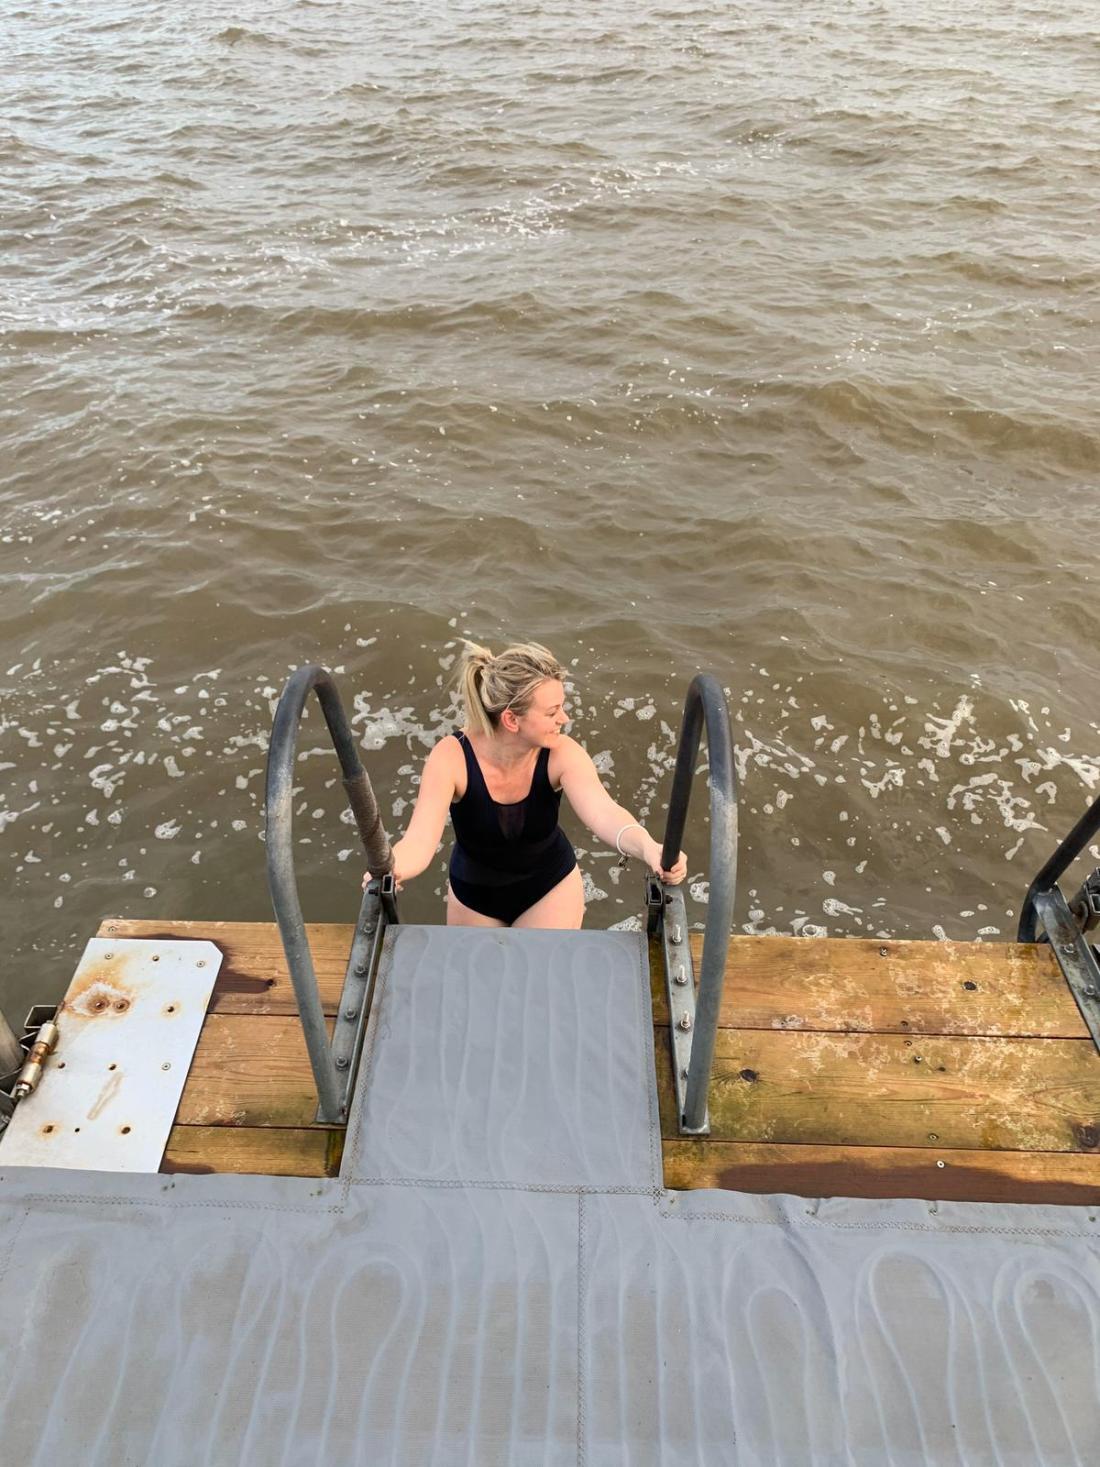 Laura in the Baltic Sea, Helsinki